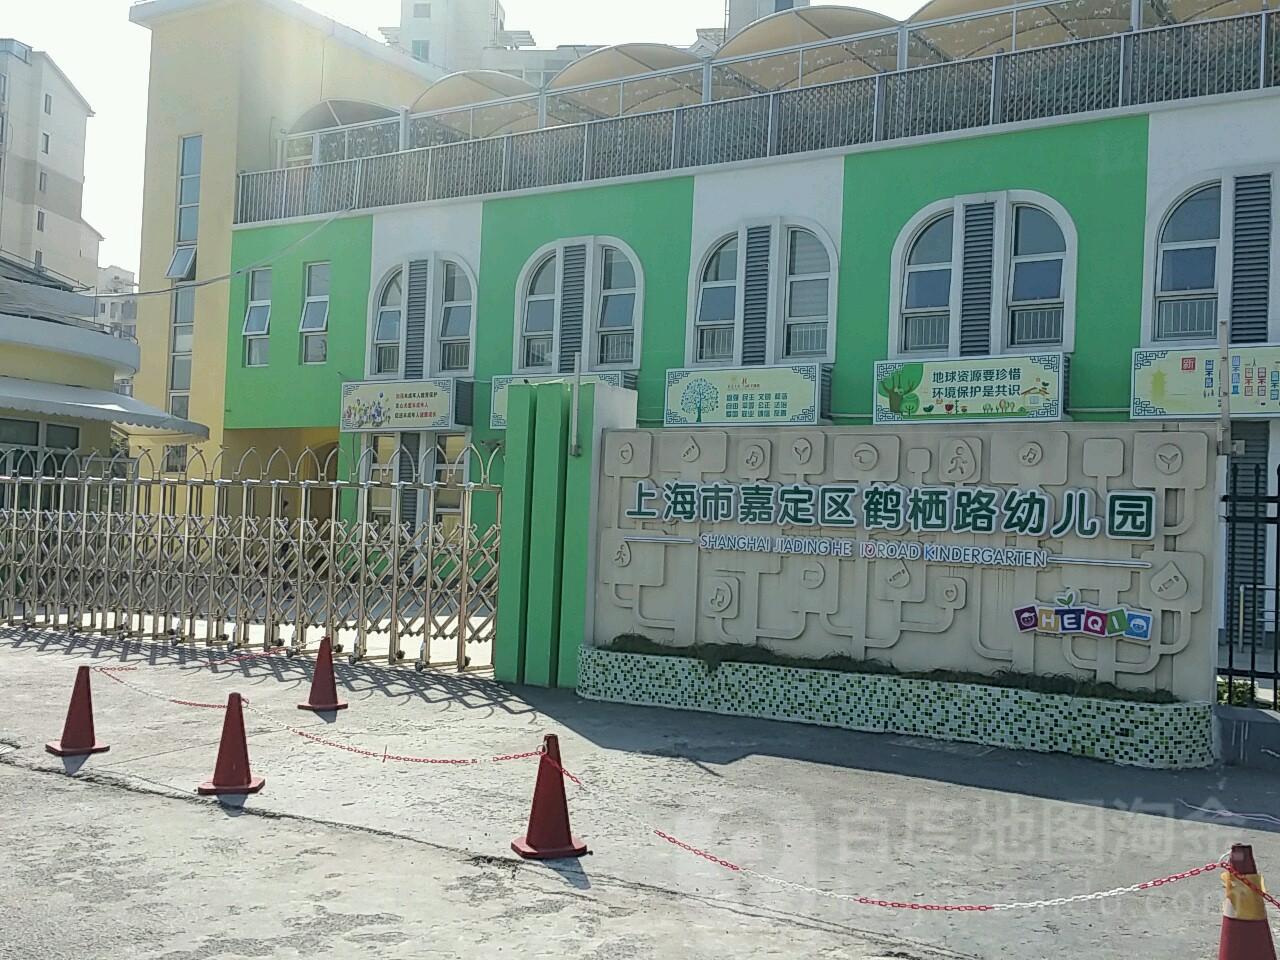 上海市嘉定区鹤栖路幼儿园